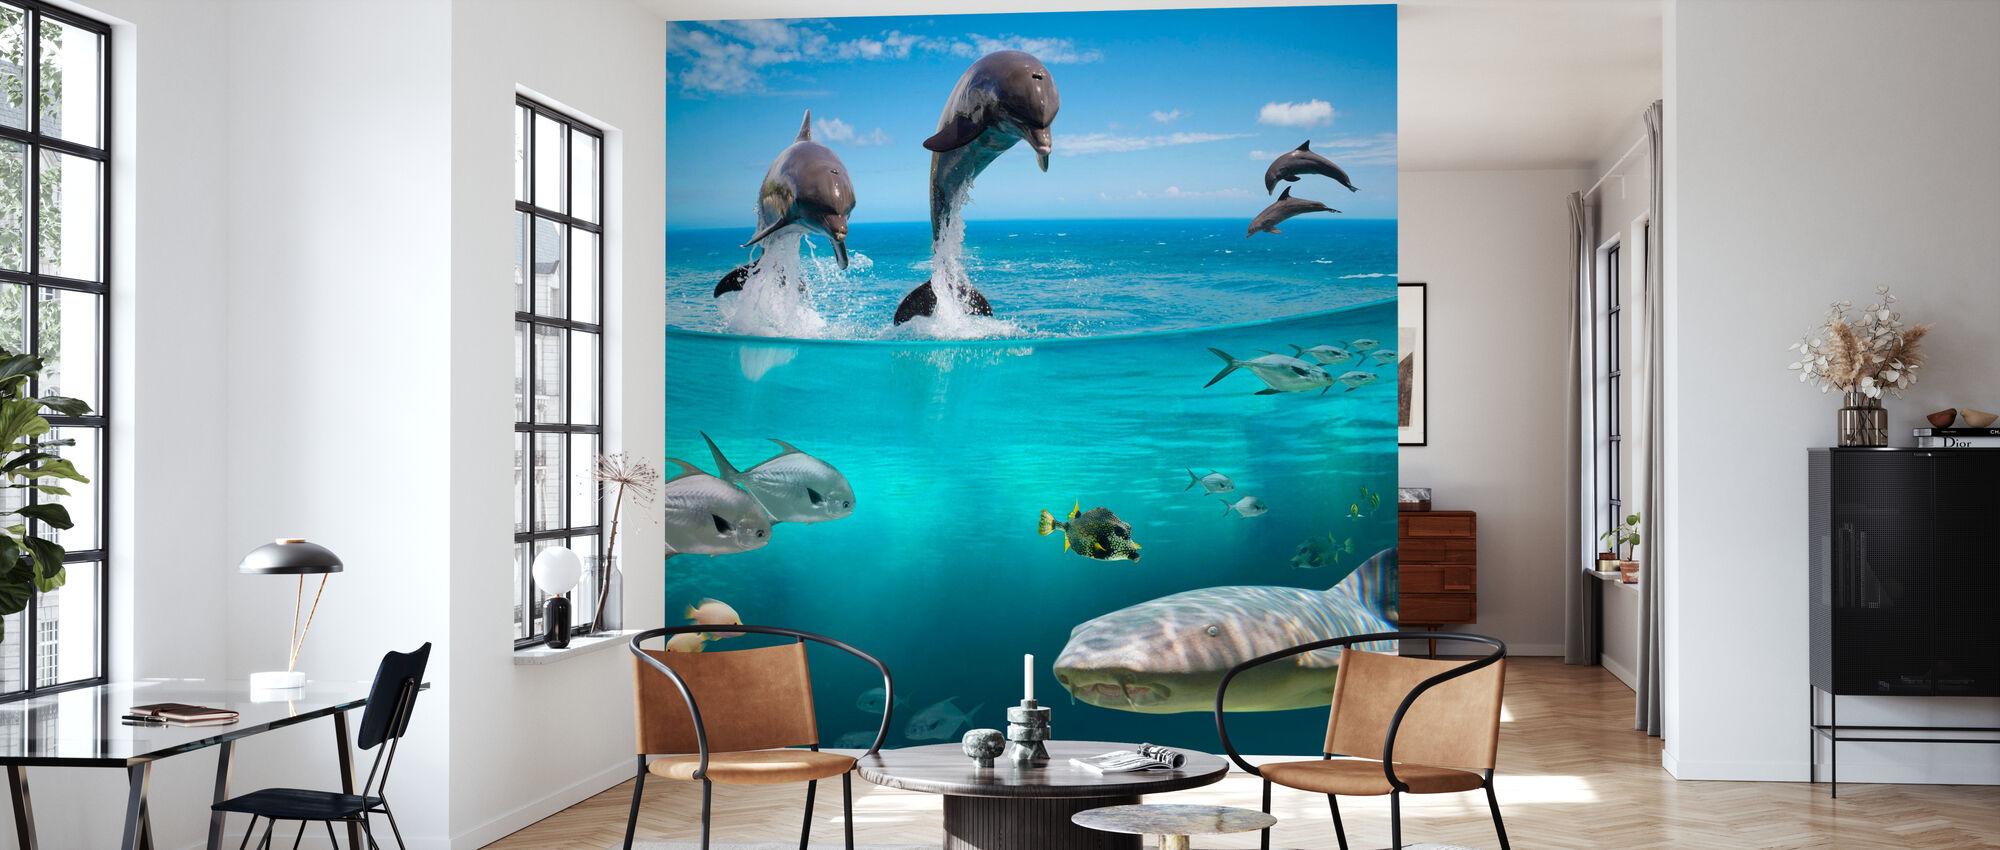 Sea Life - Wallpaper - Living Room